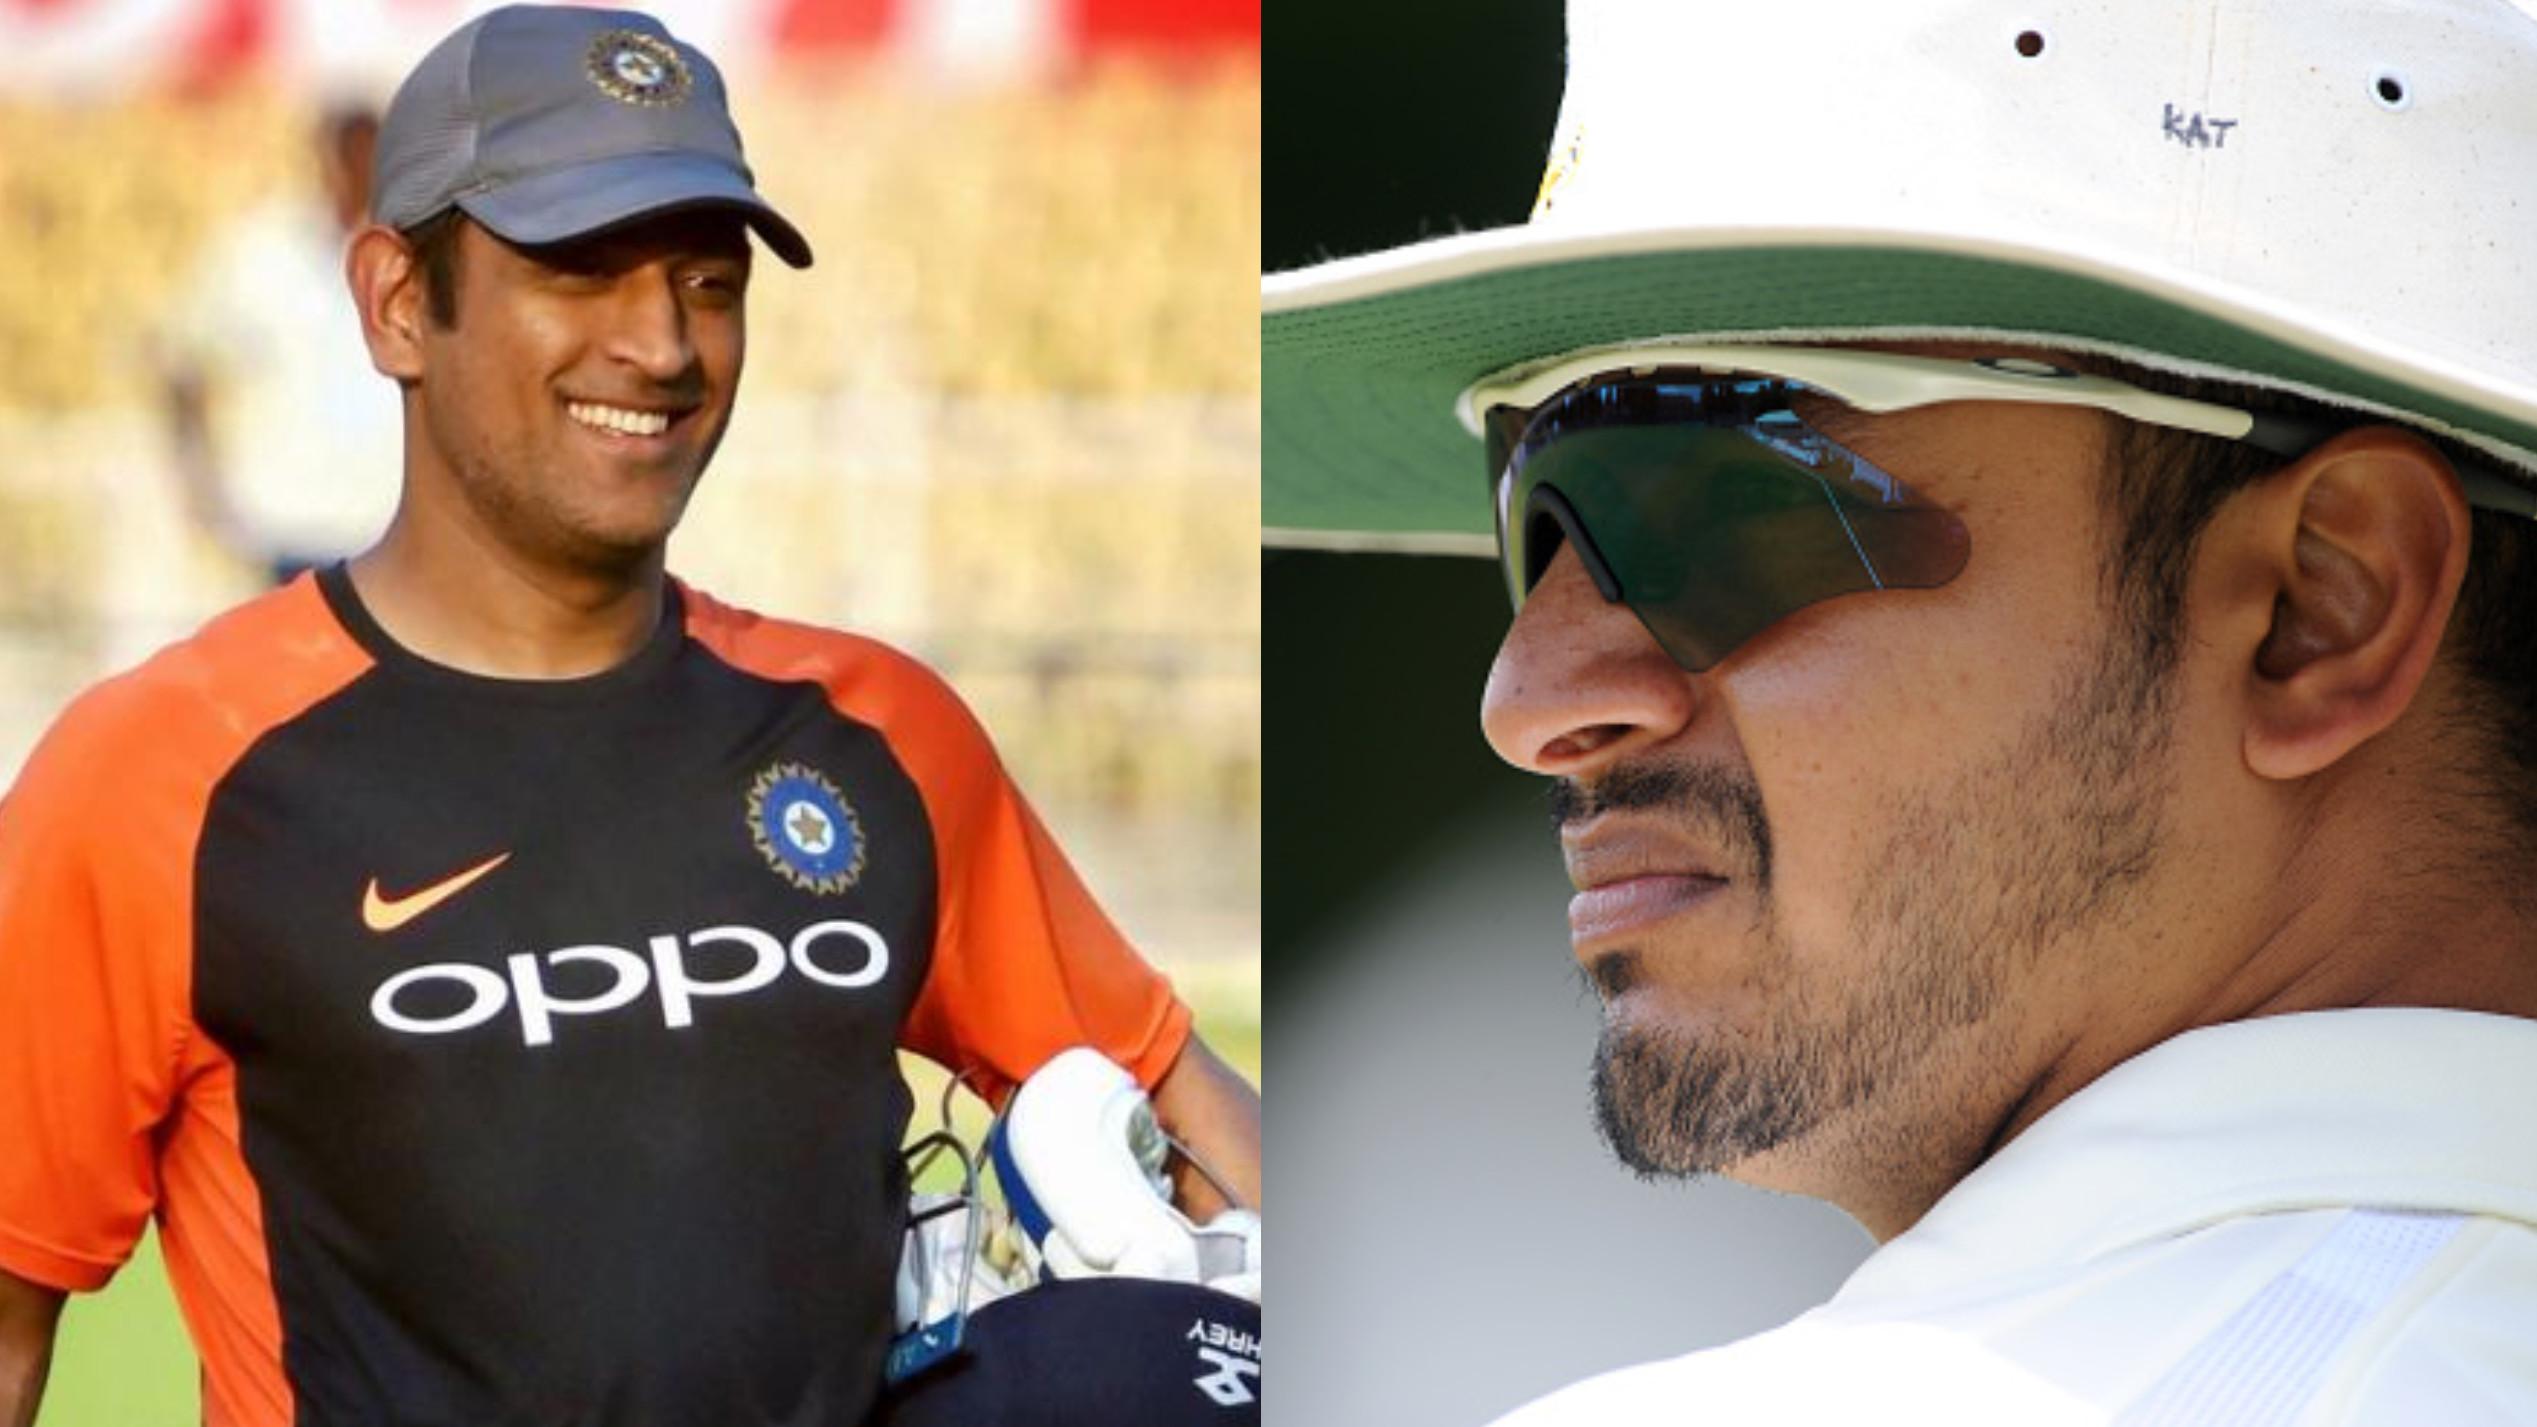 मुरली कार्तिक के अनुसार एमएस धोनी के पास उनकी बल्लेबाजी नंबरों की तुलना में बहुत कुछ है